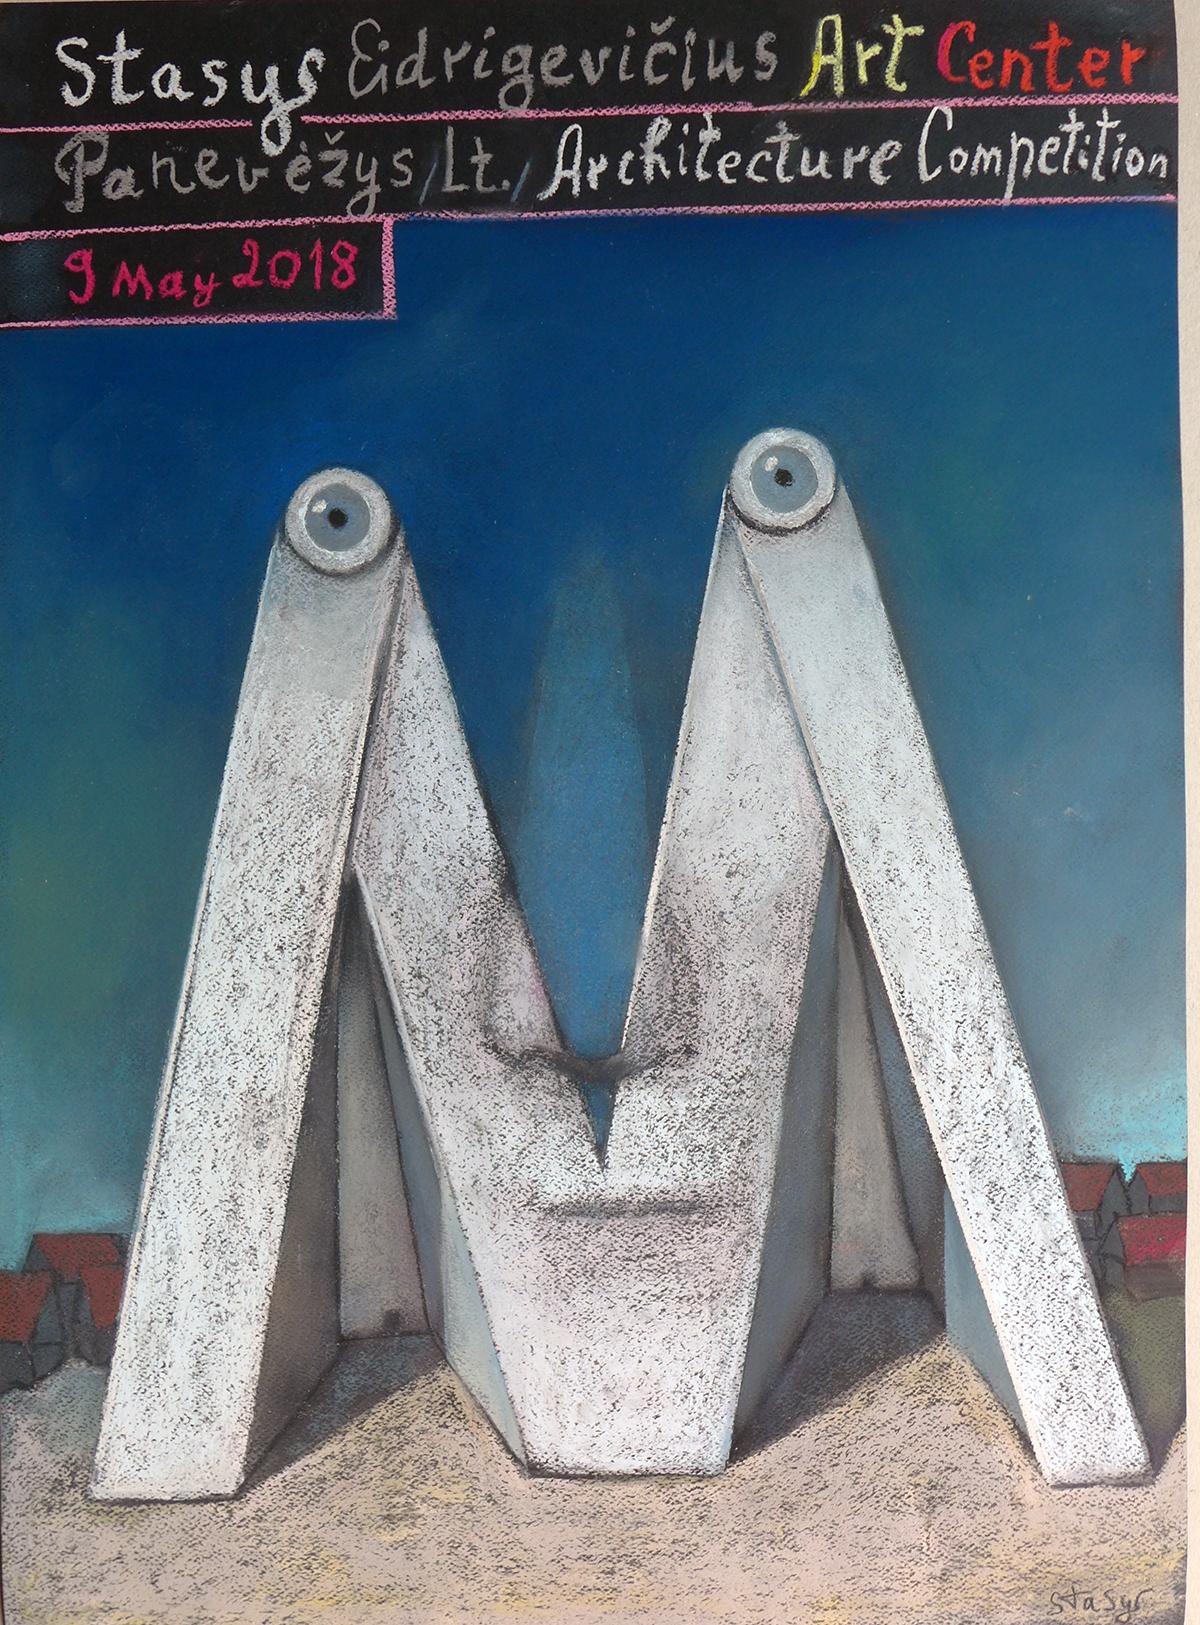 Vinas iš Stasio Eidrigevičiaus plakatų.